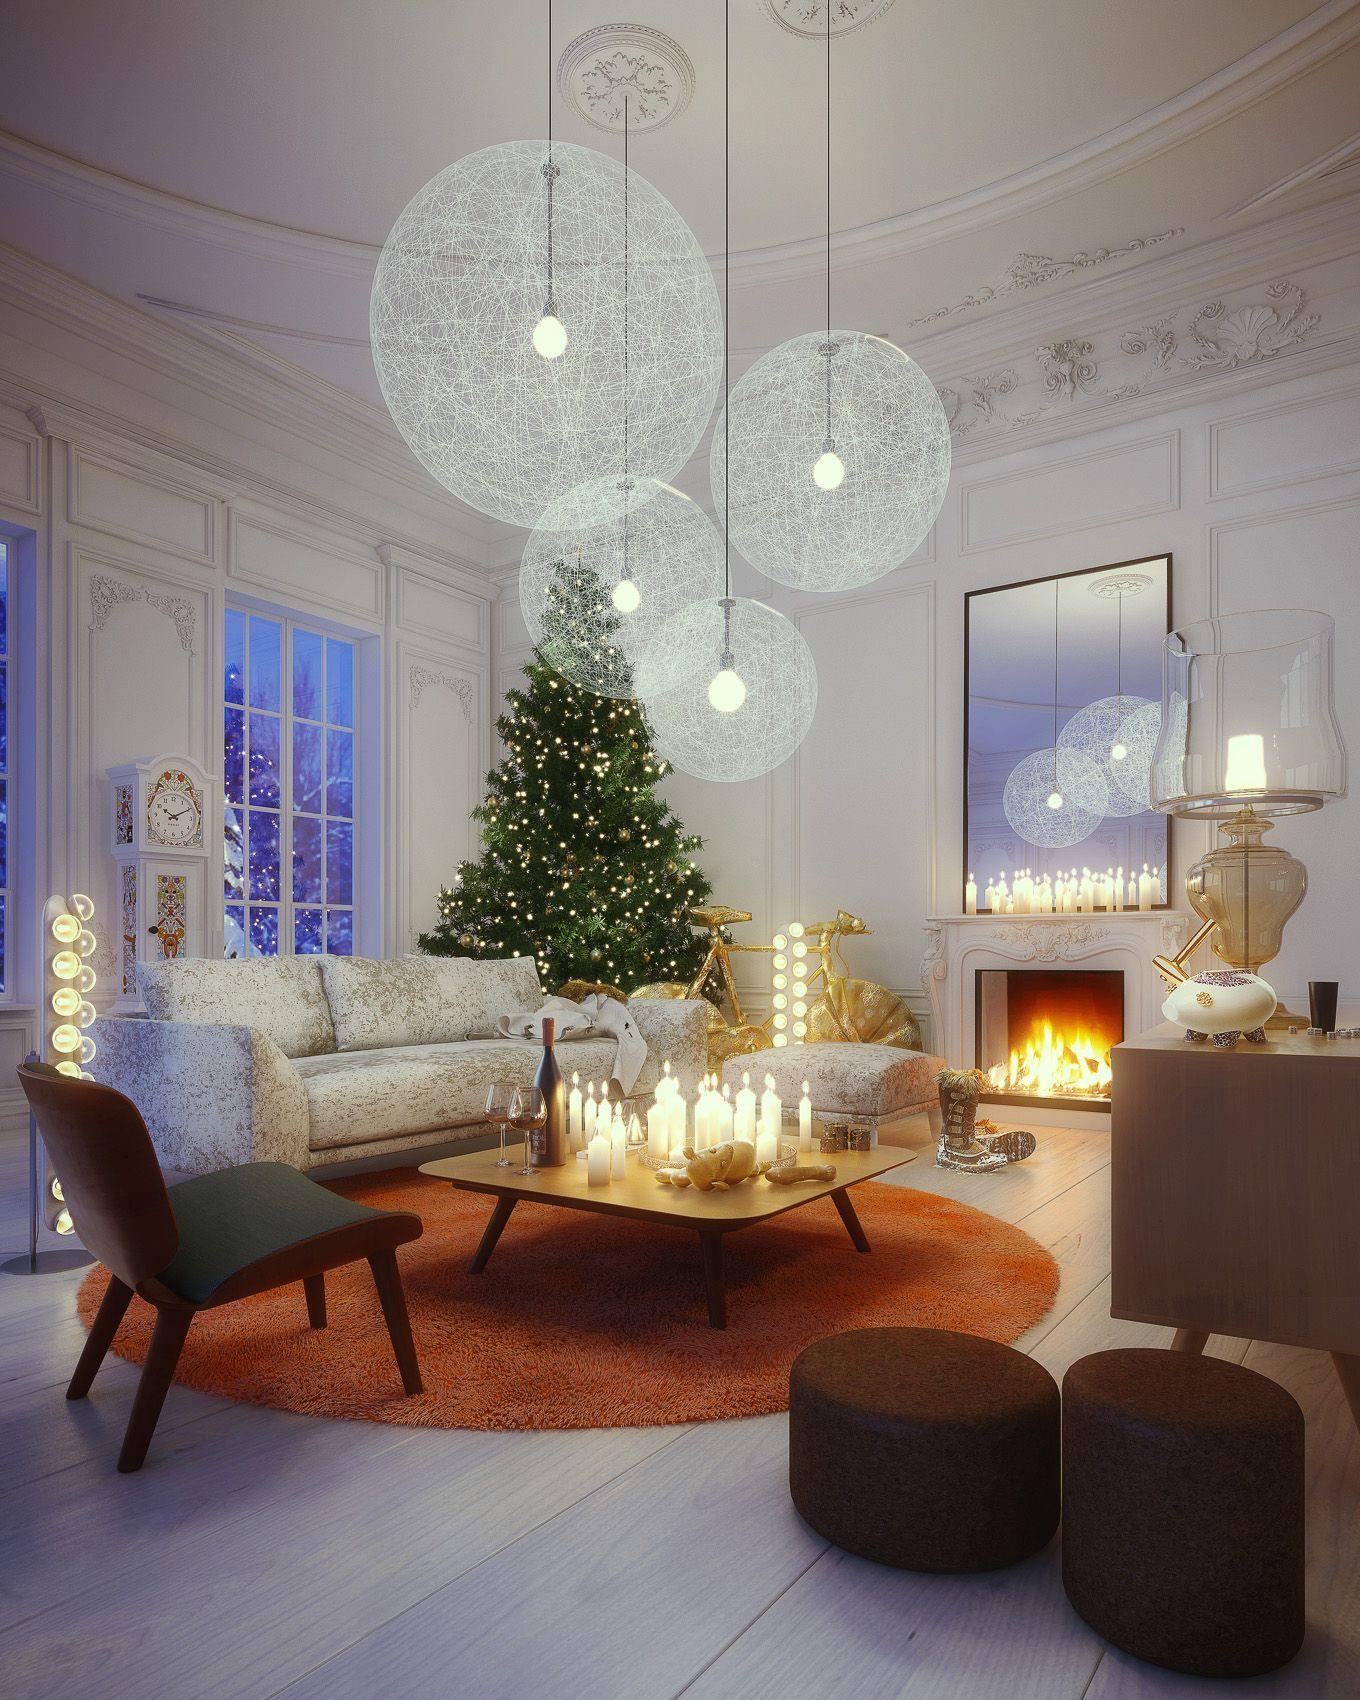 jolie decoration de noel. Black Bedroom Furniture Sets. Home Design Ideas